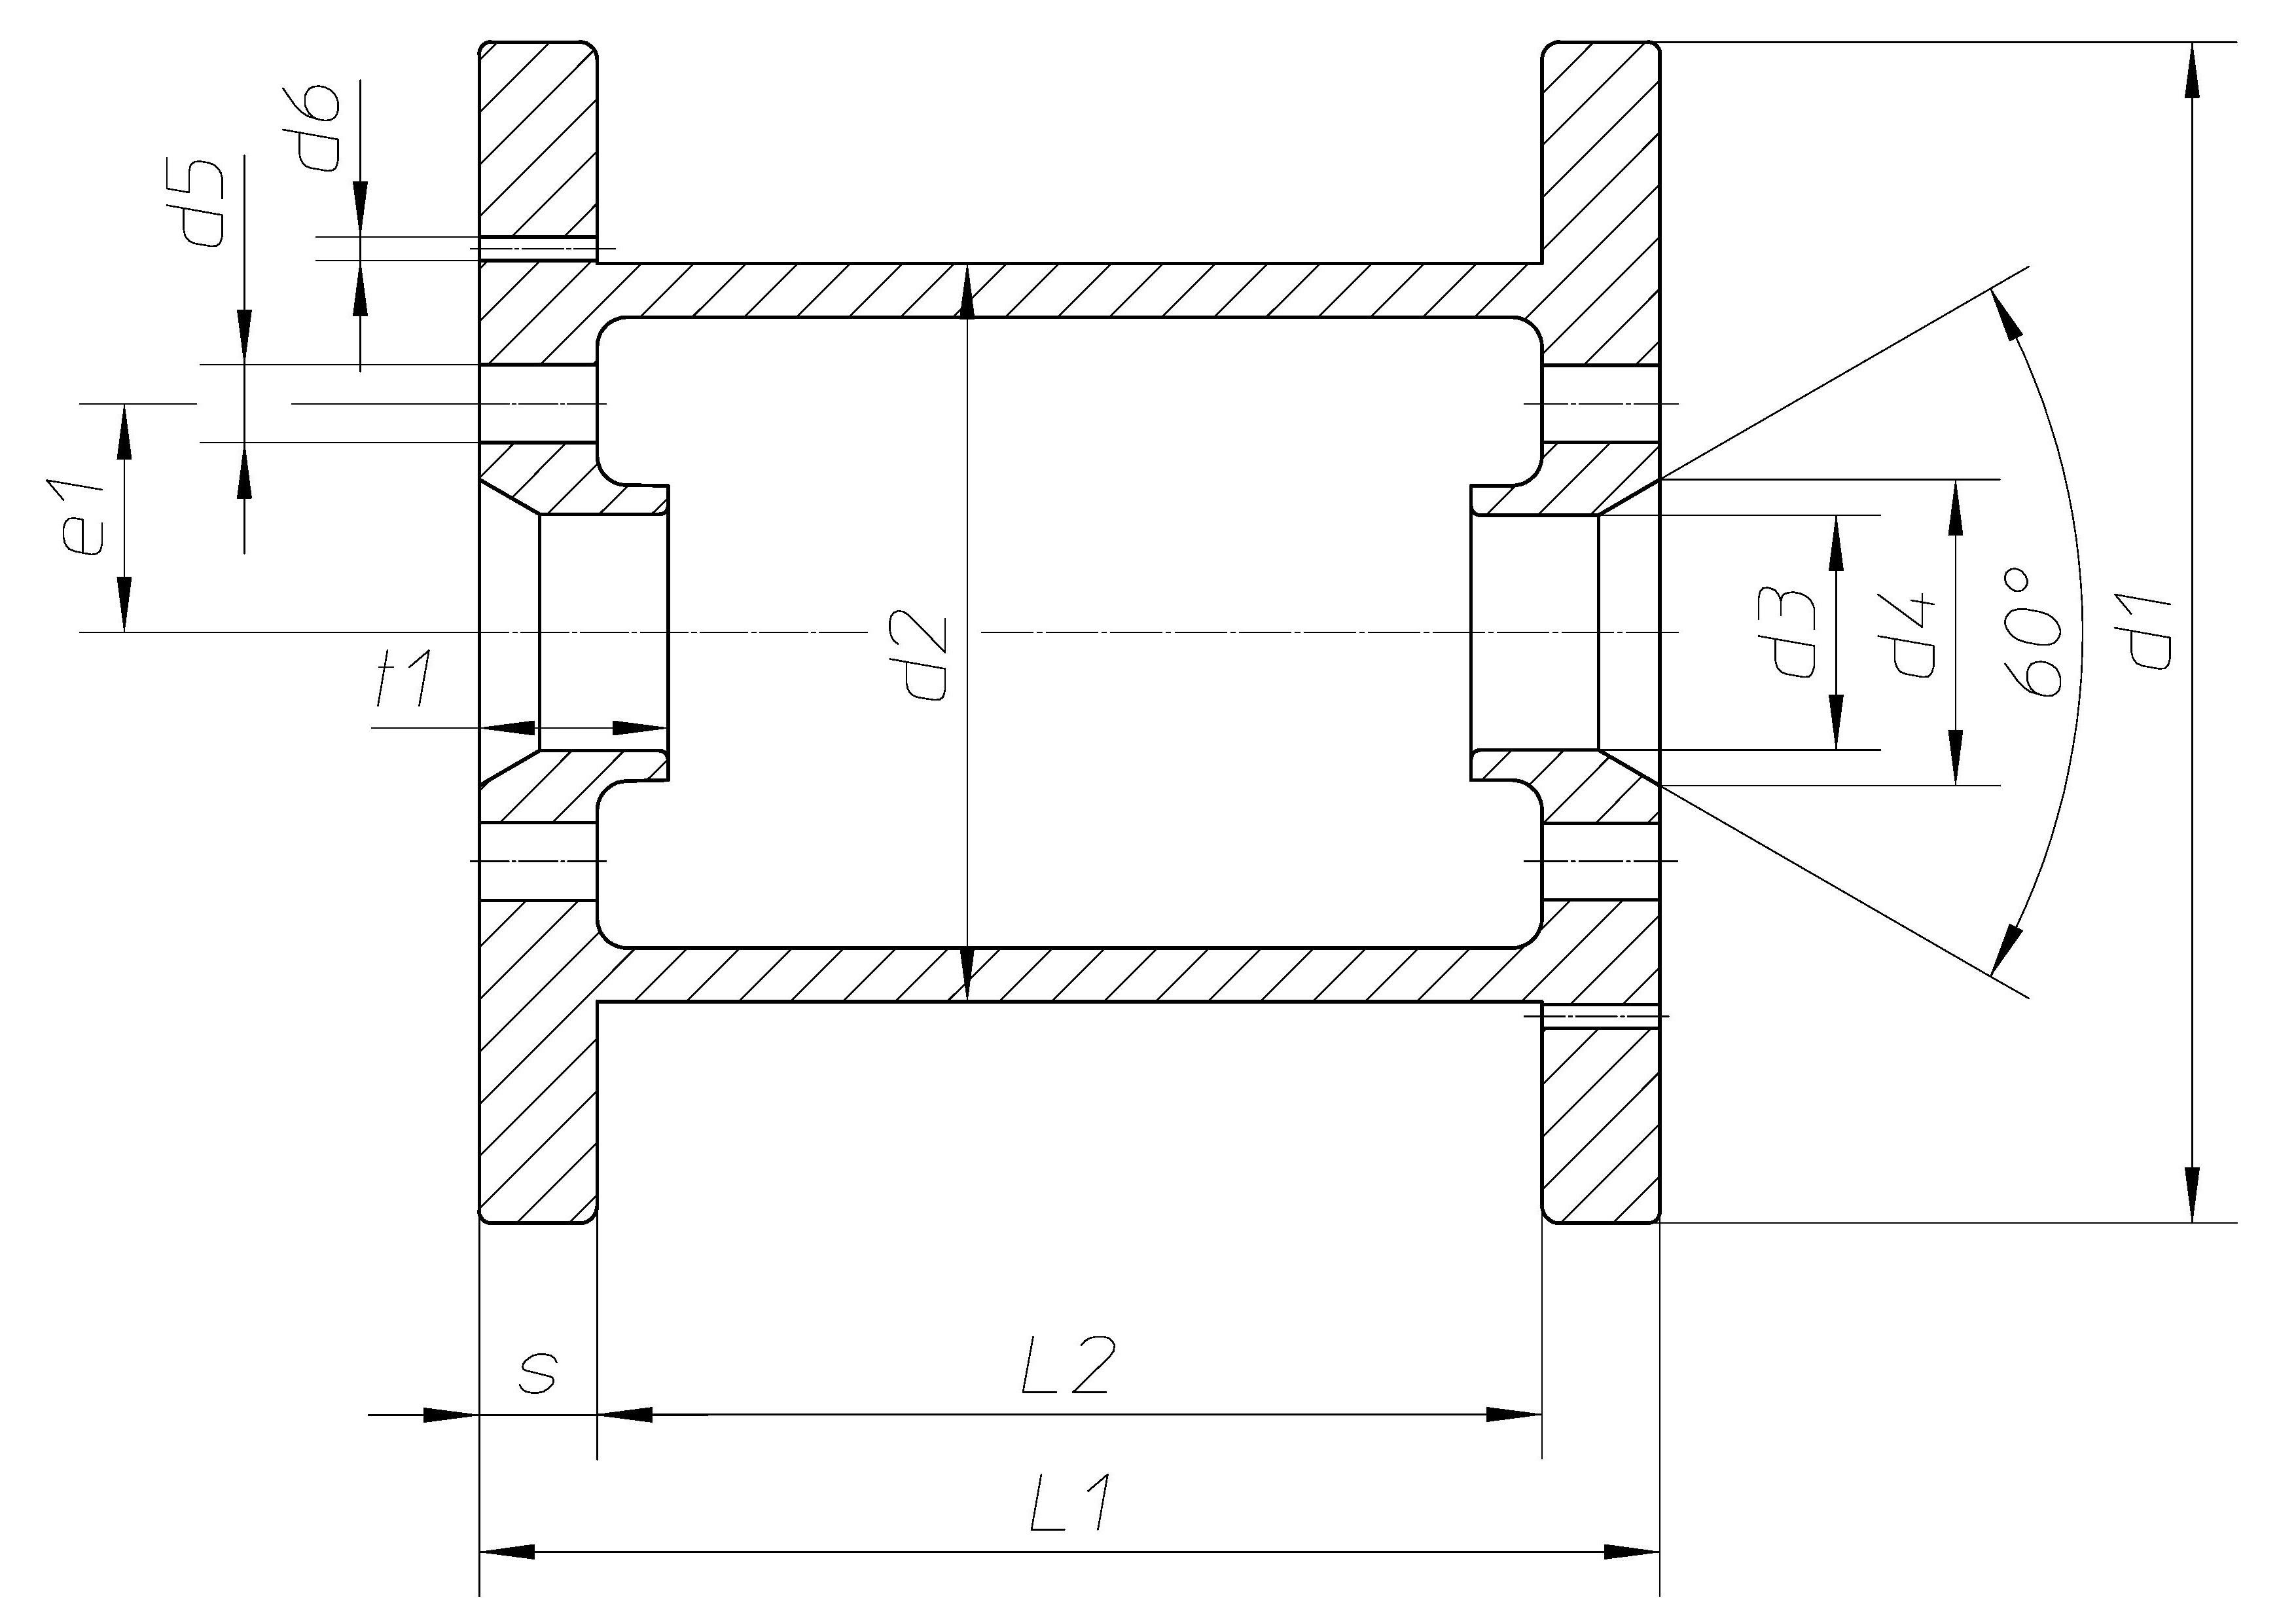 anfrageformular spulen beh lter h fner krullmann gmbh. Black Bedroom Furniture Sets. Home Design Ideas